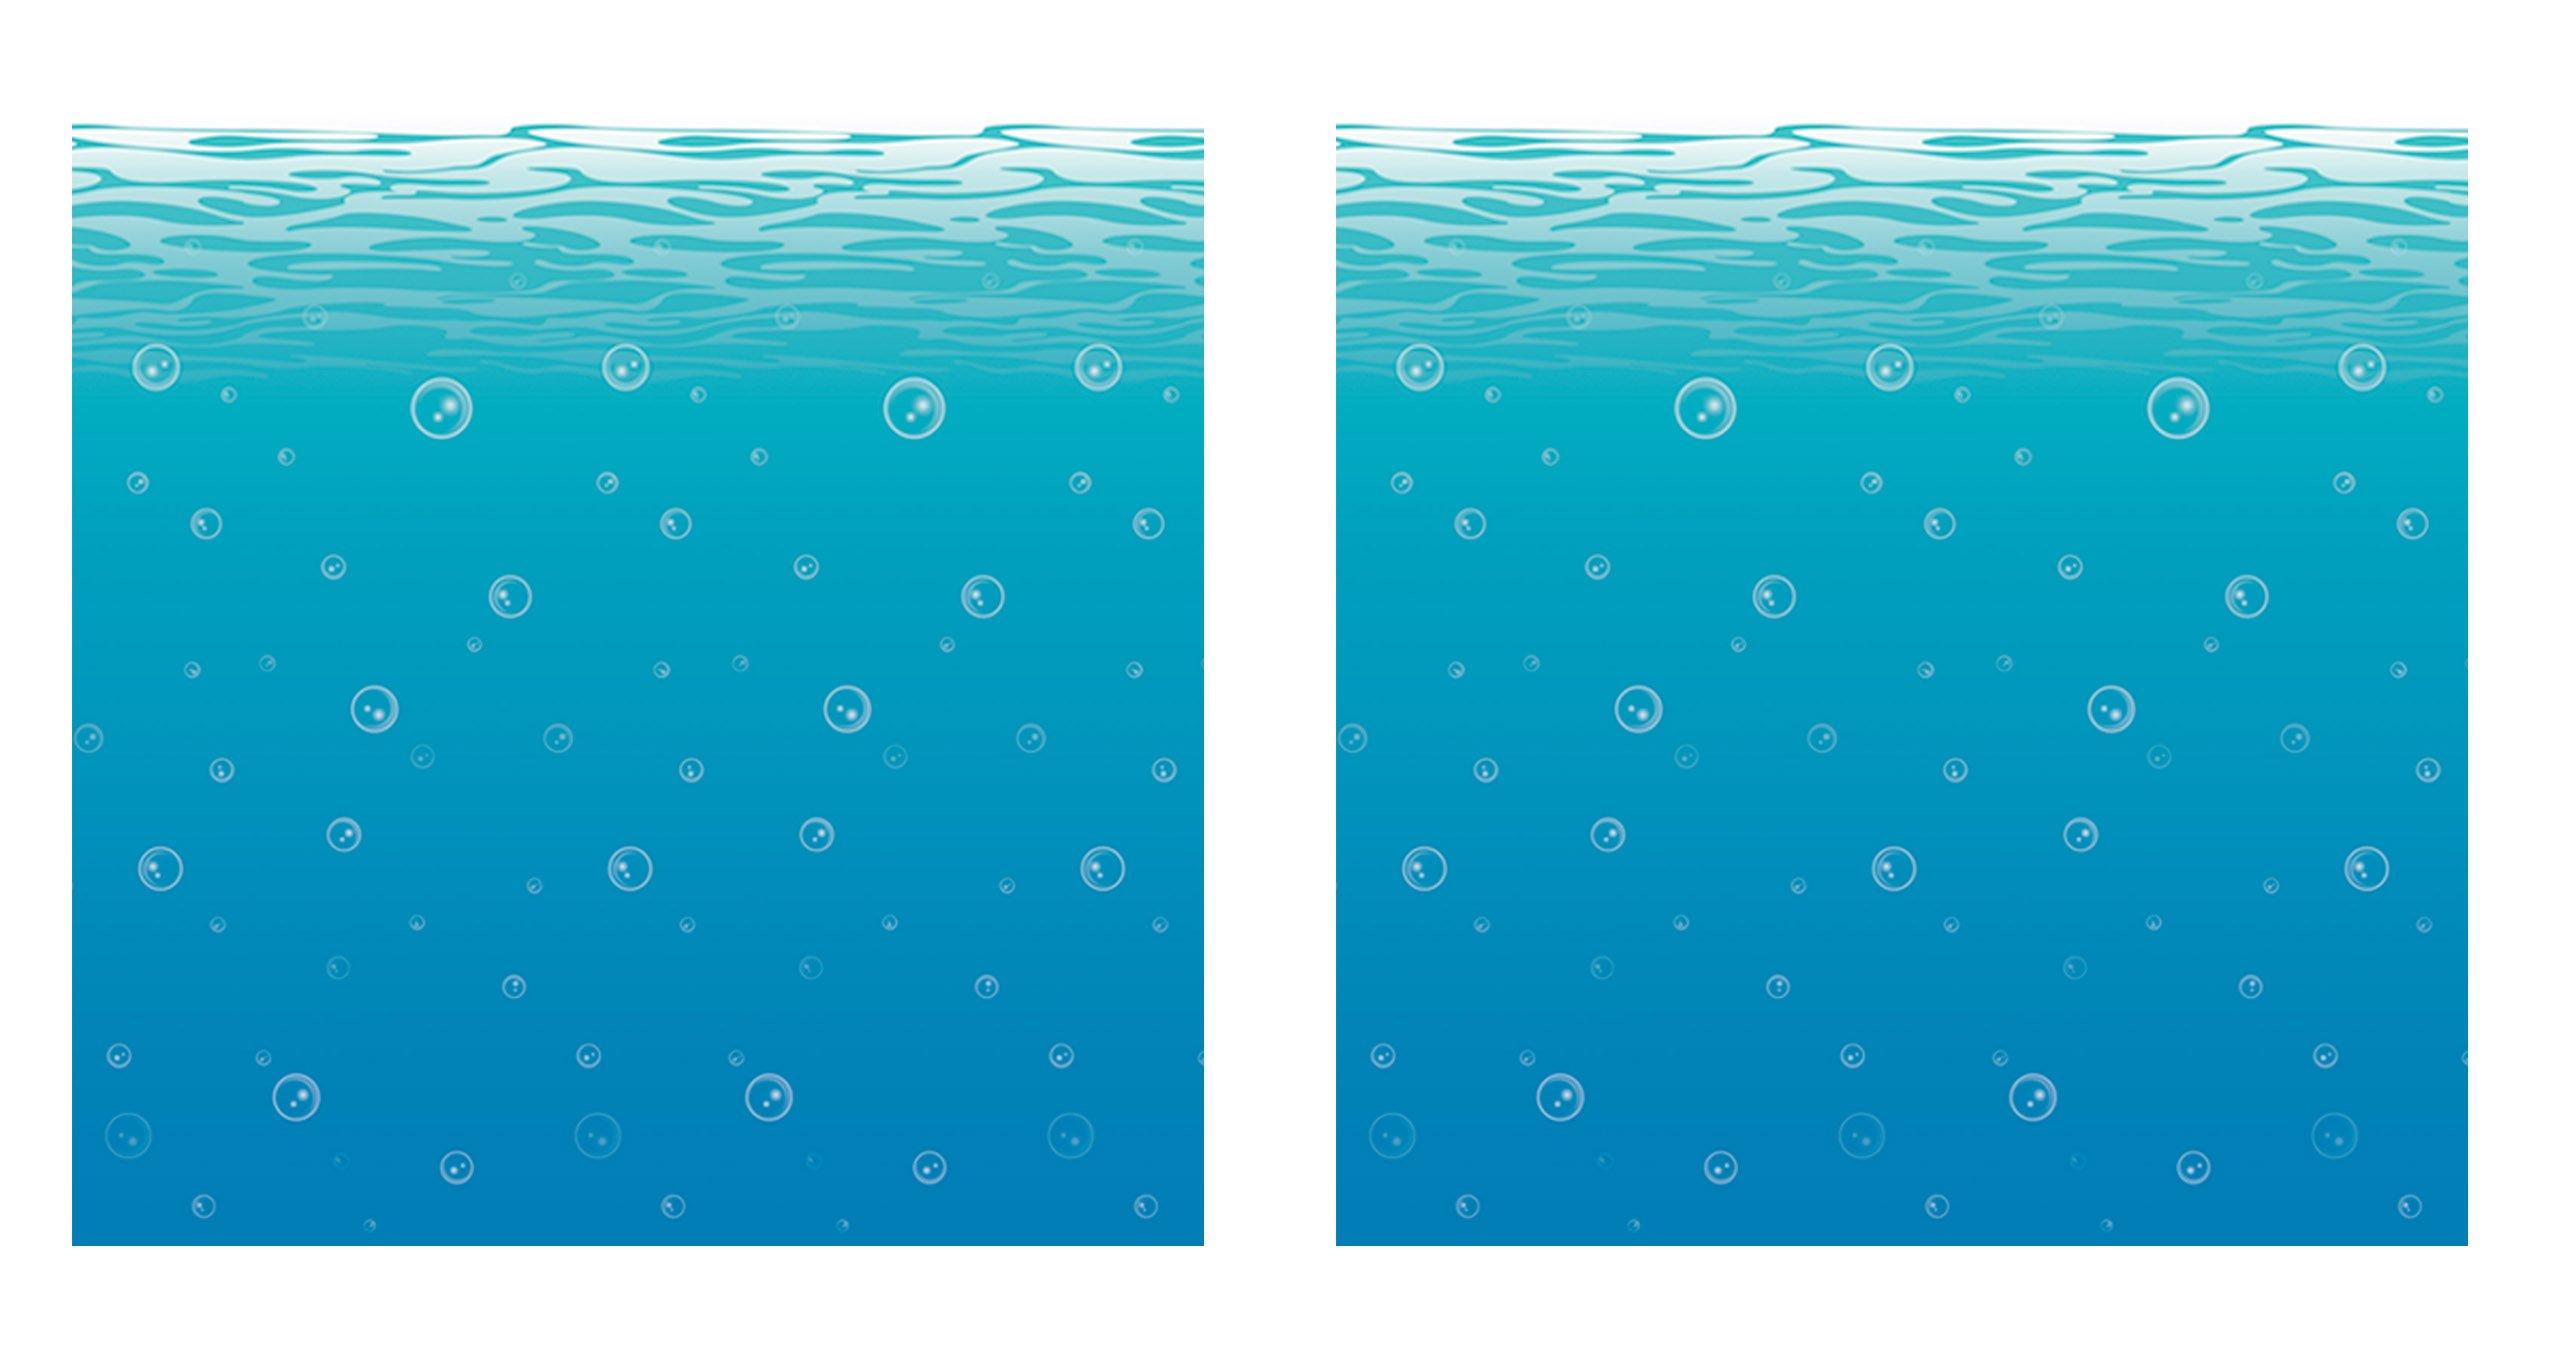 Beistle S52071AZ2 undersea backdrop, Blue/White